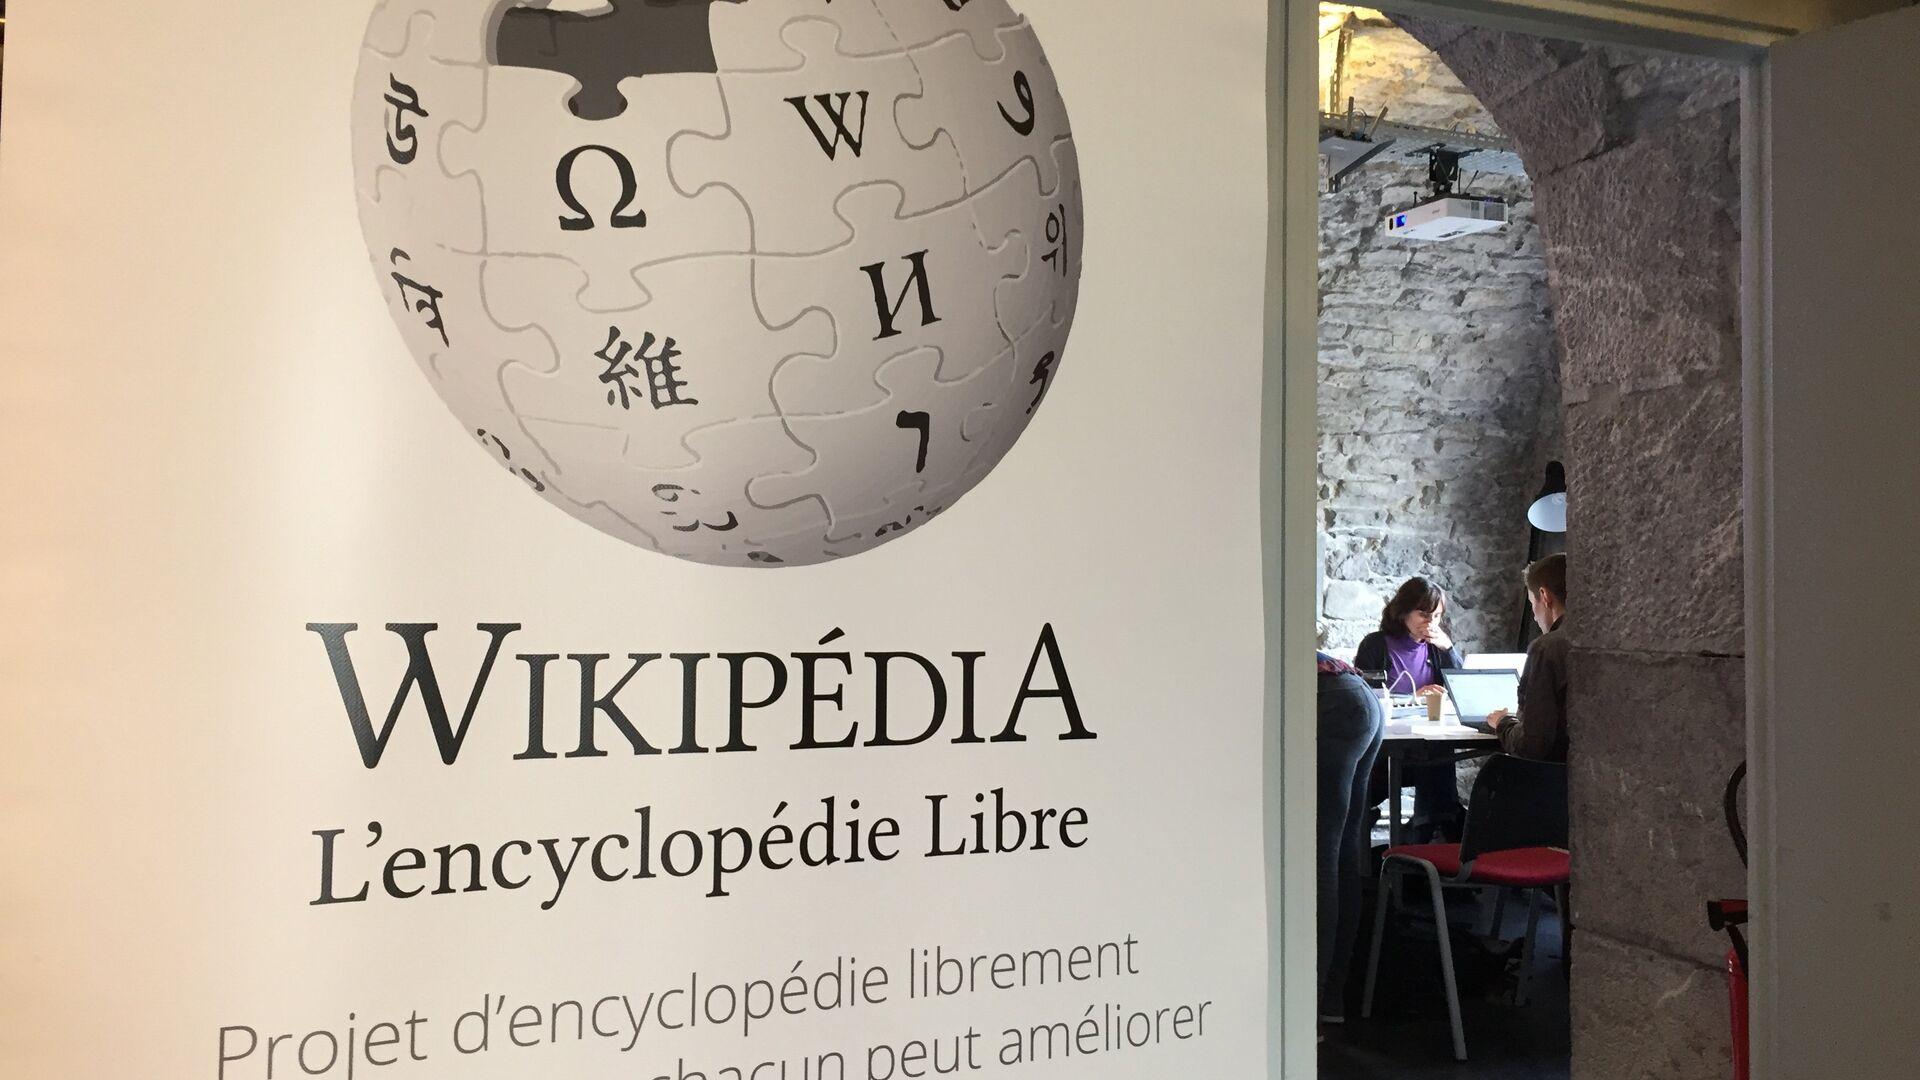 В Wikimedia Foundation объяснили появление свастики на страницах Wikipedia